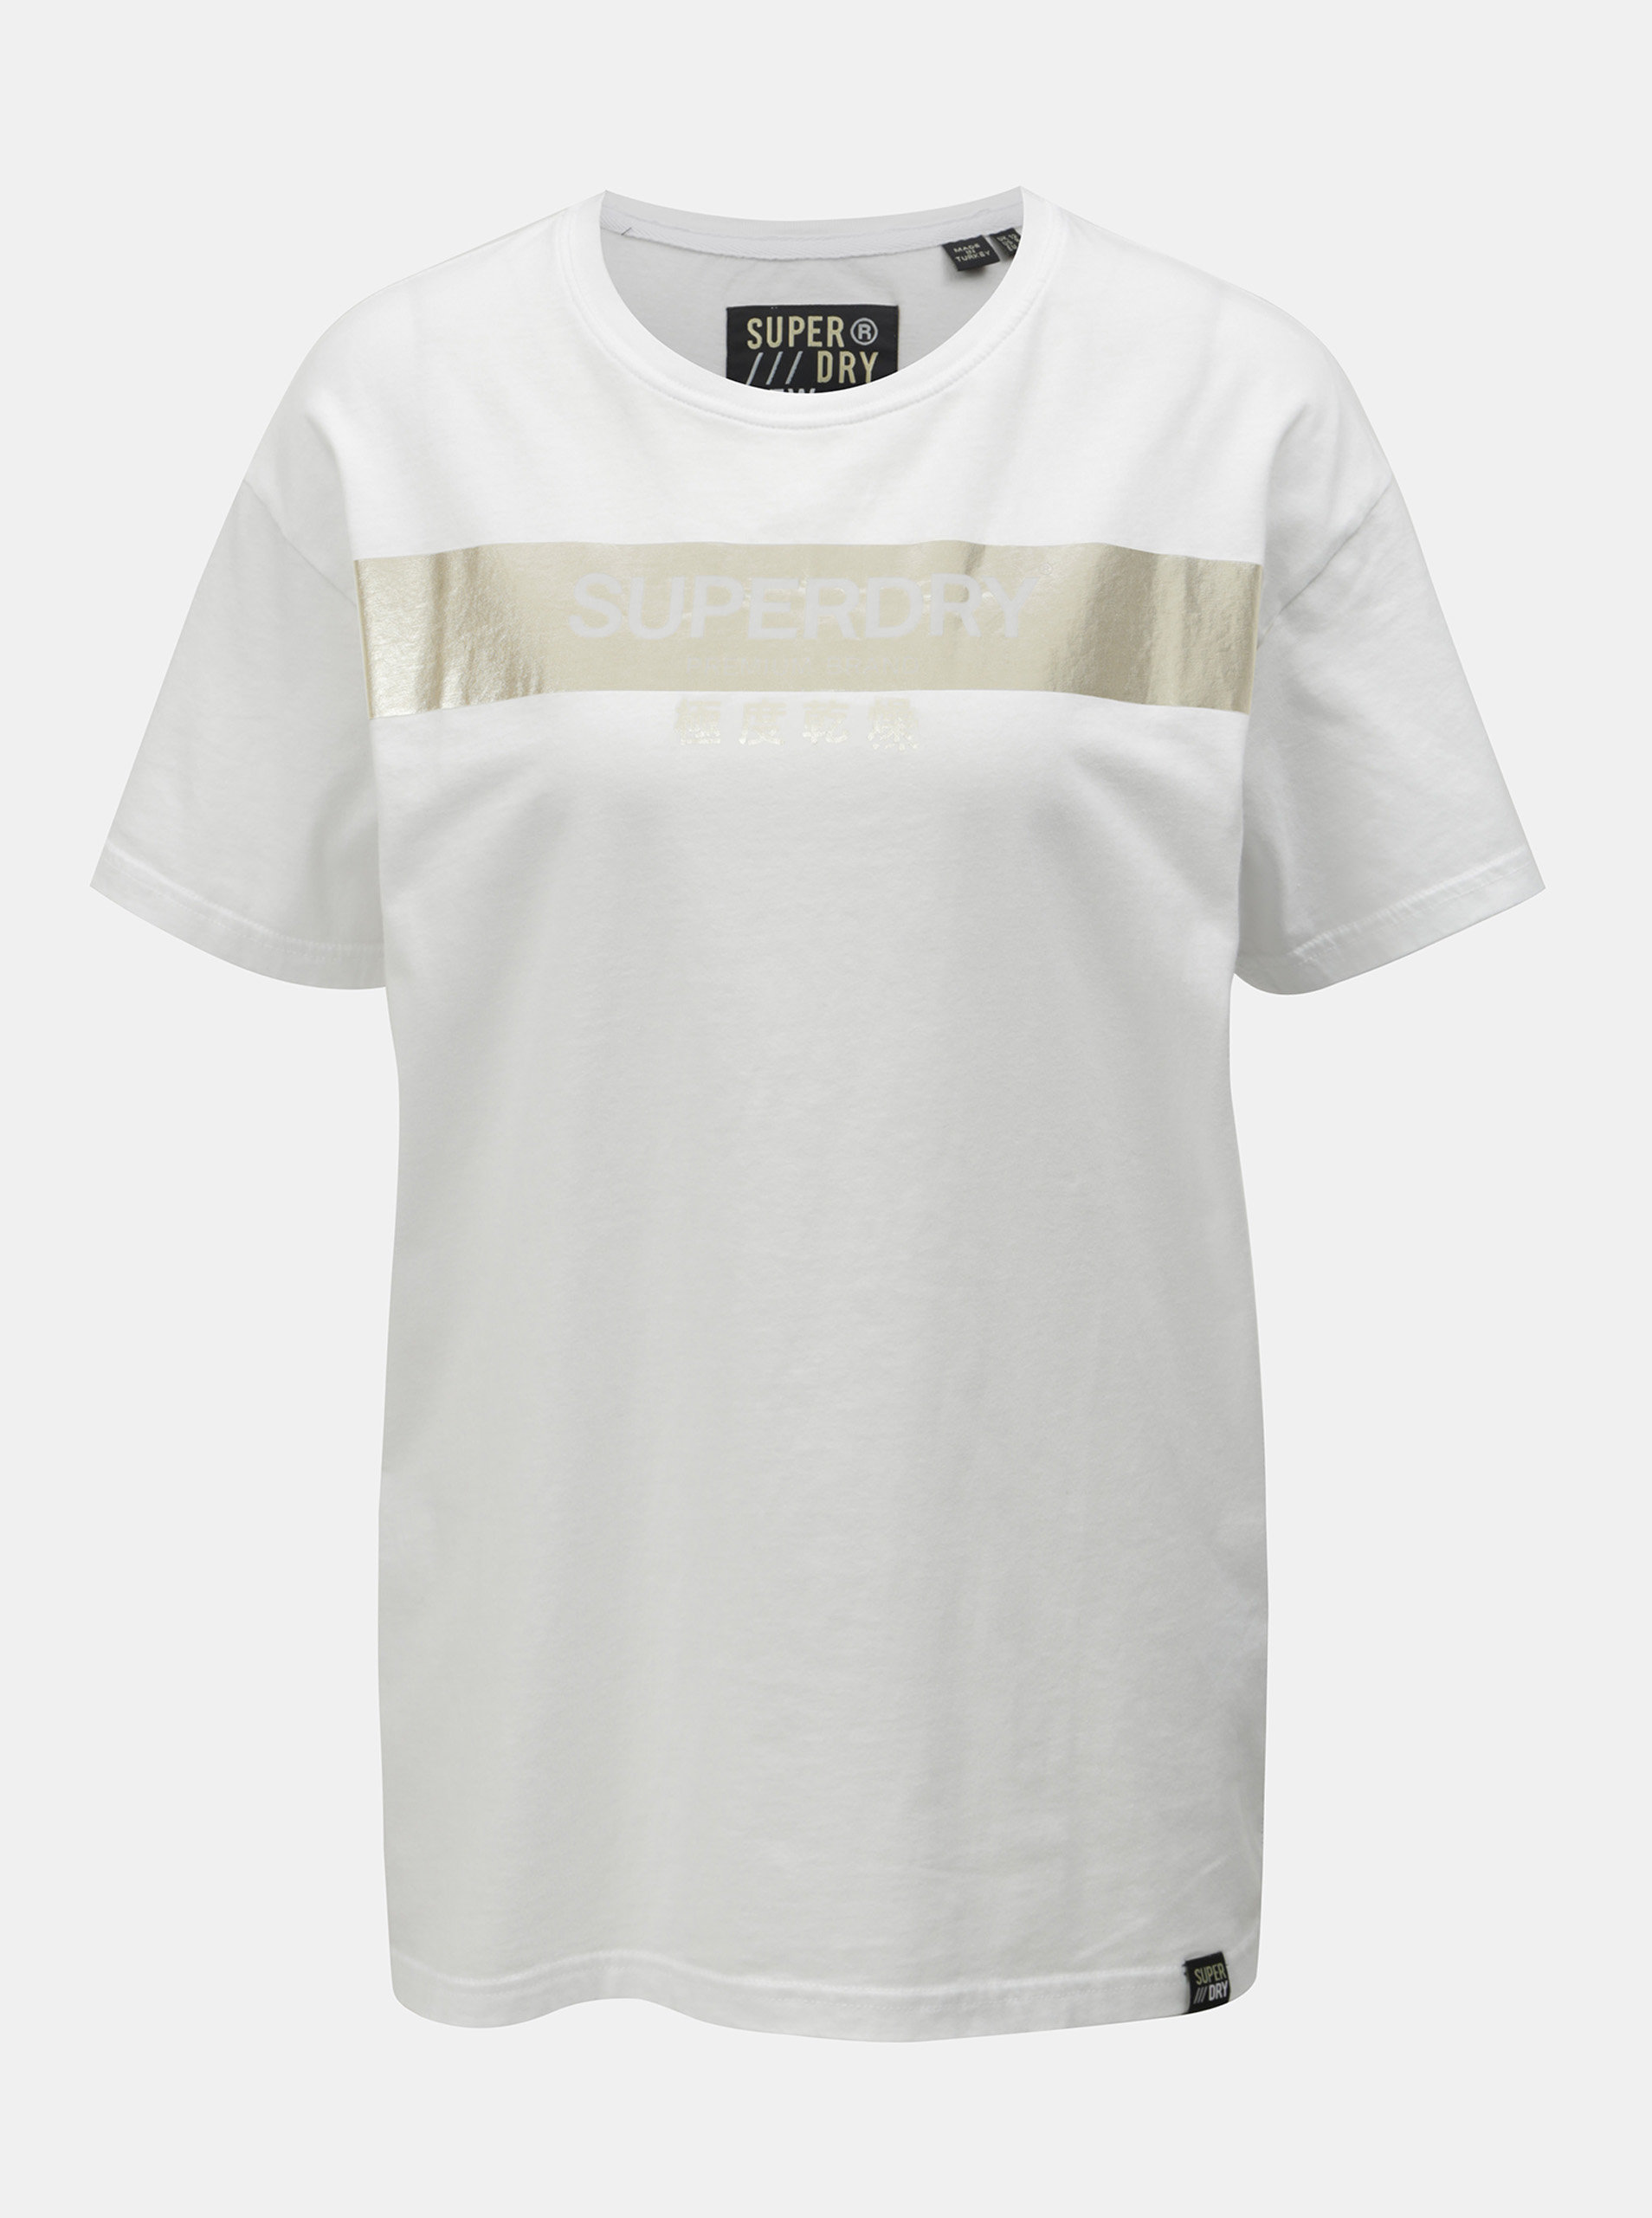 Biele dámske voľné tričko s potlačou Superdry ... 6fe74fa720